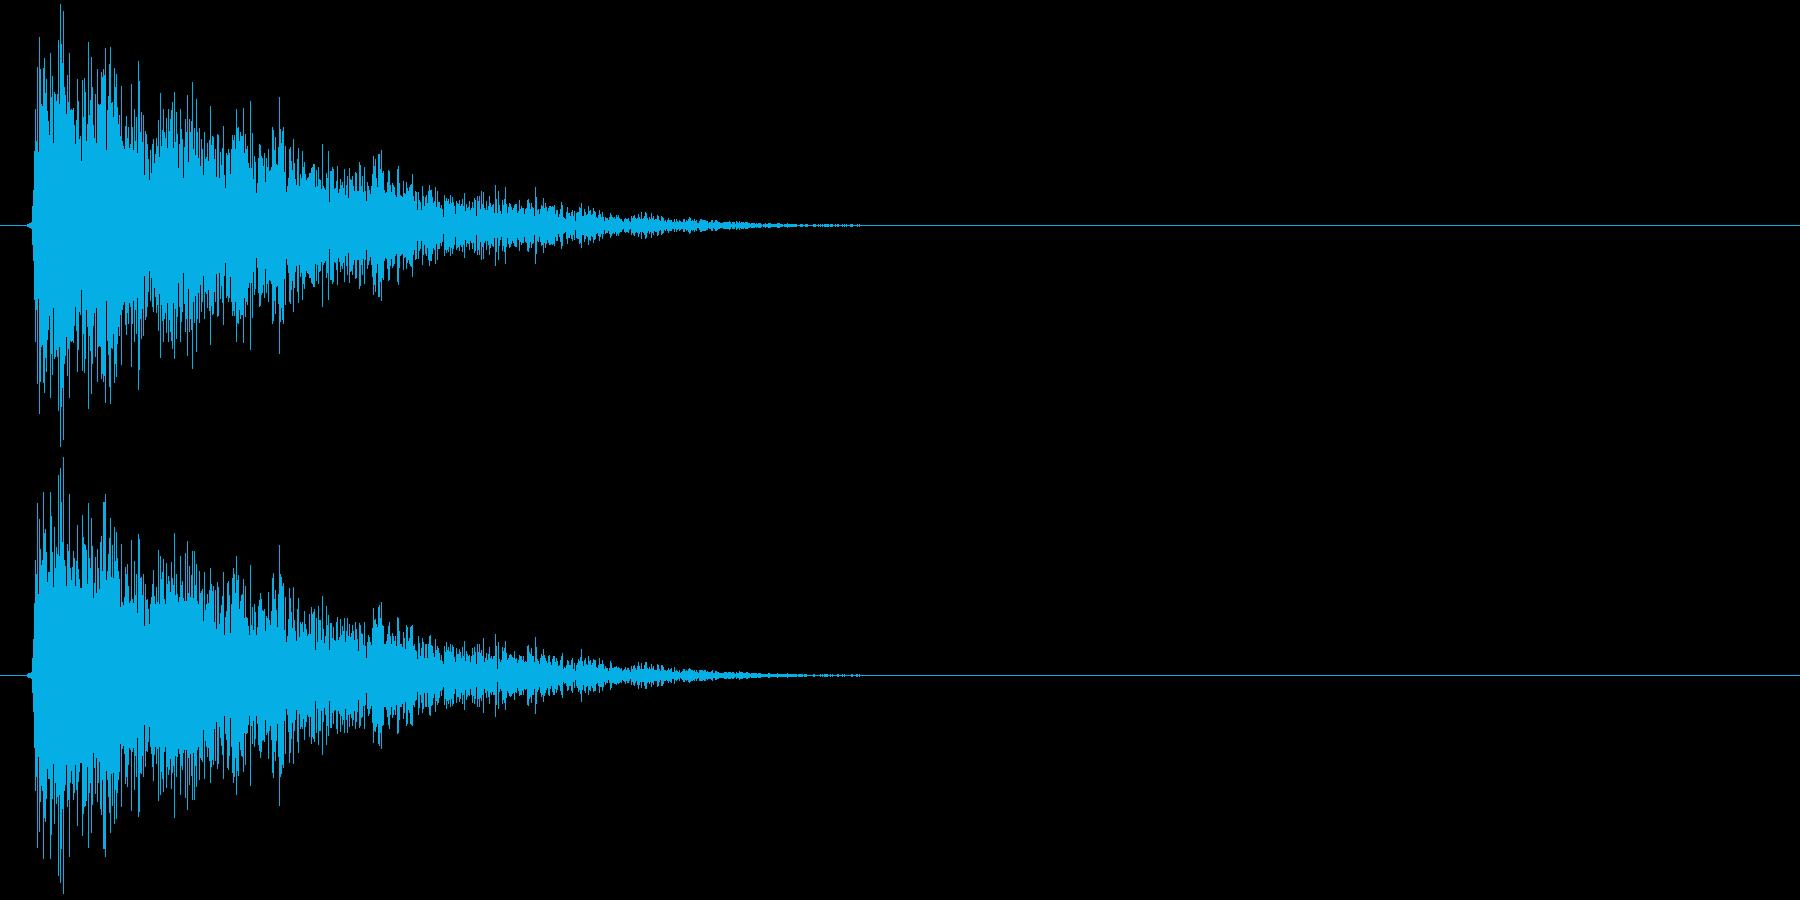 シューーン↓(STG、スピードダウン)の再生済みの波形